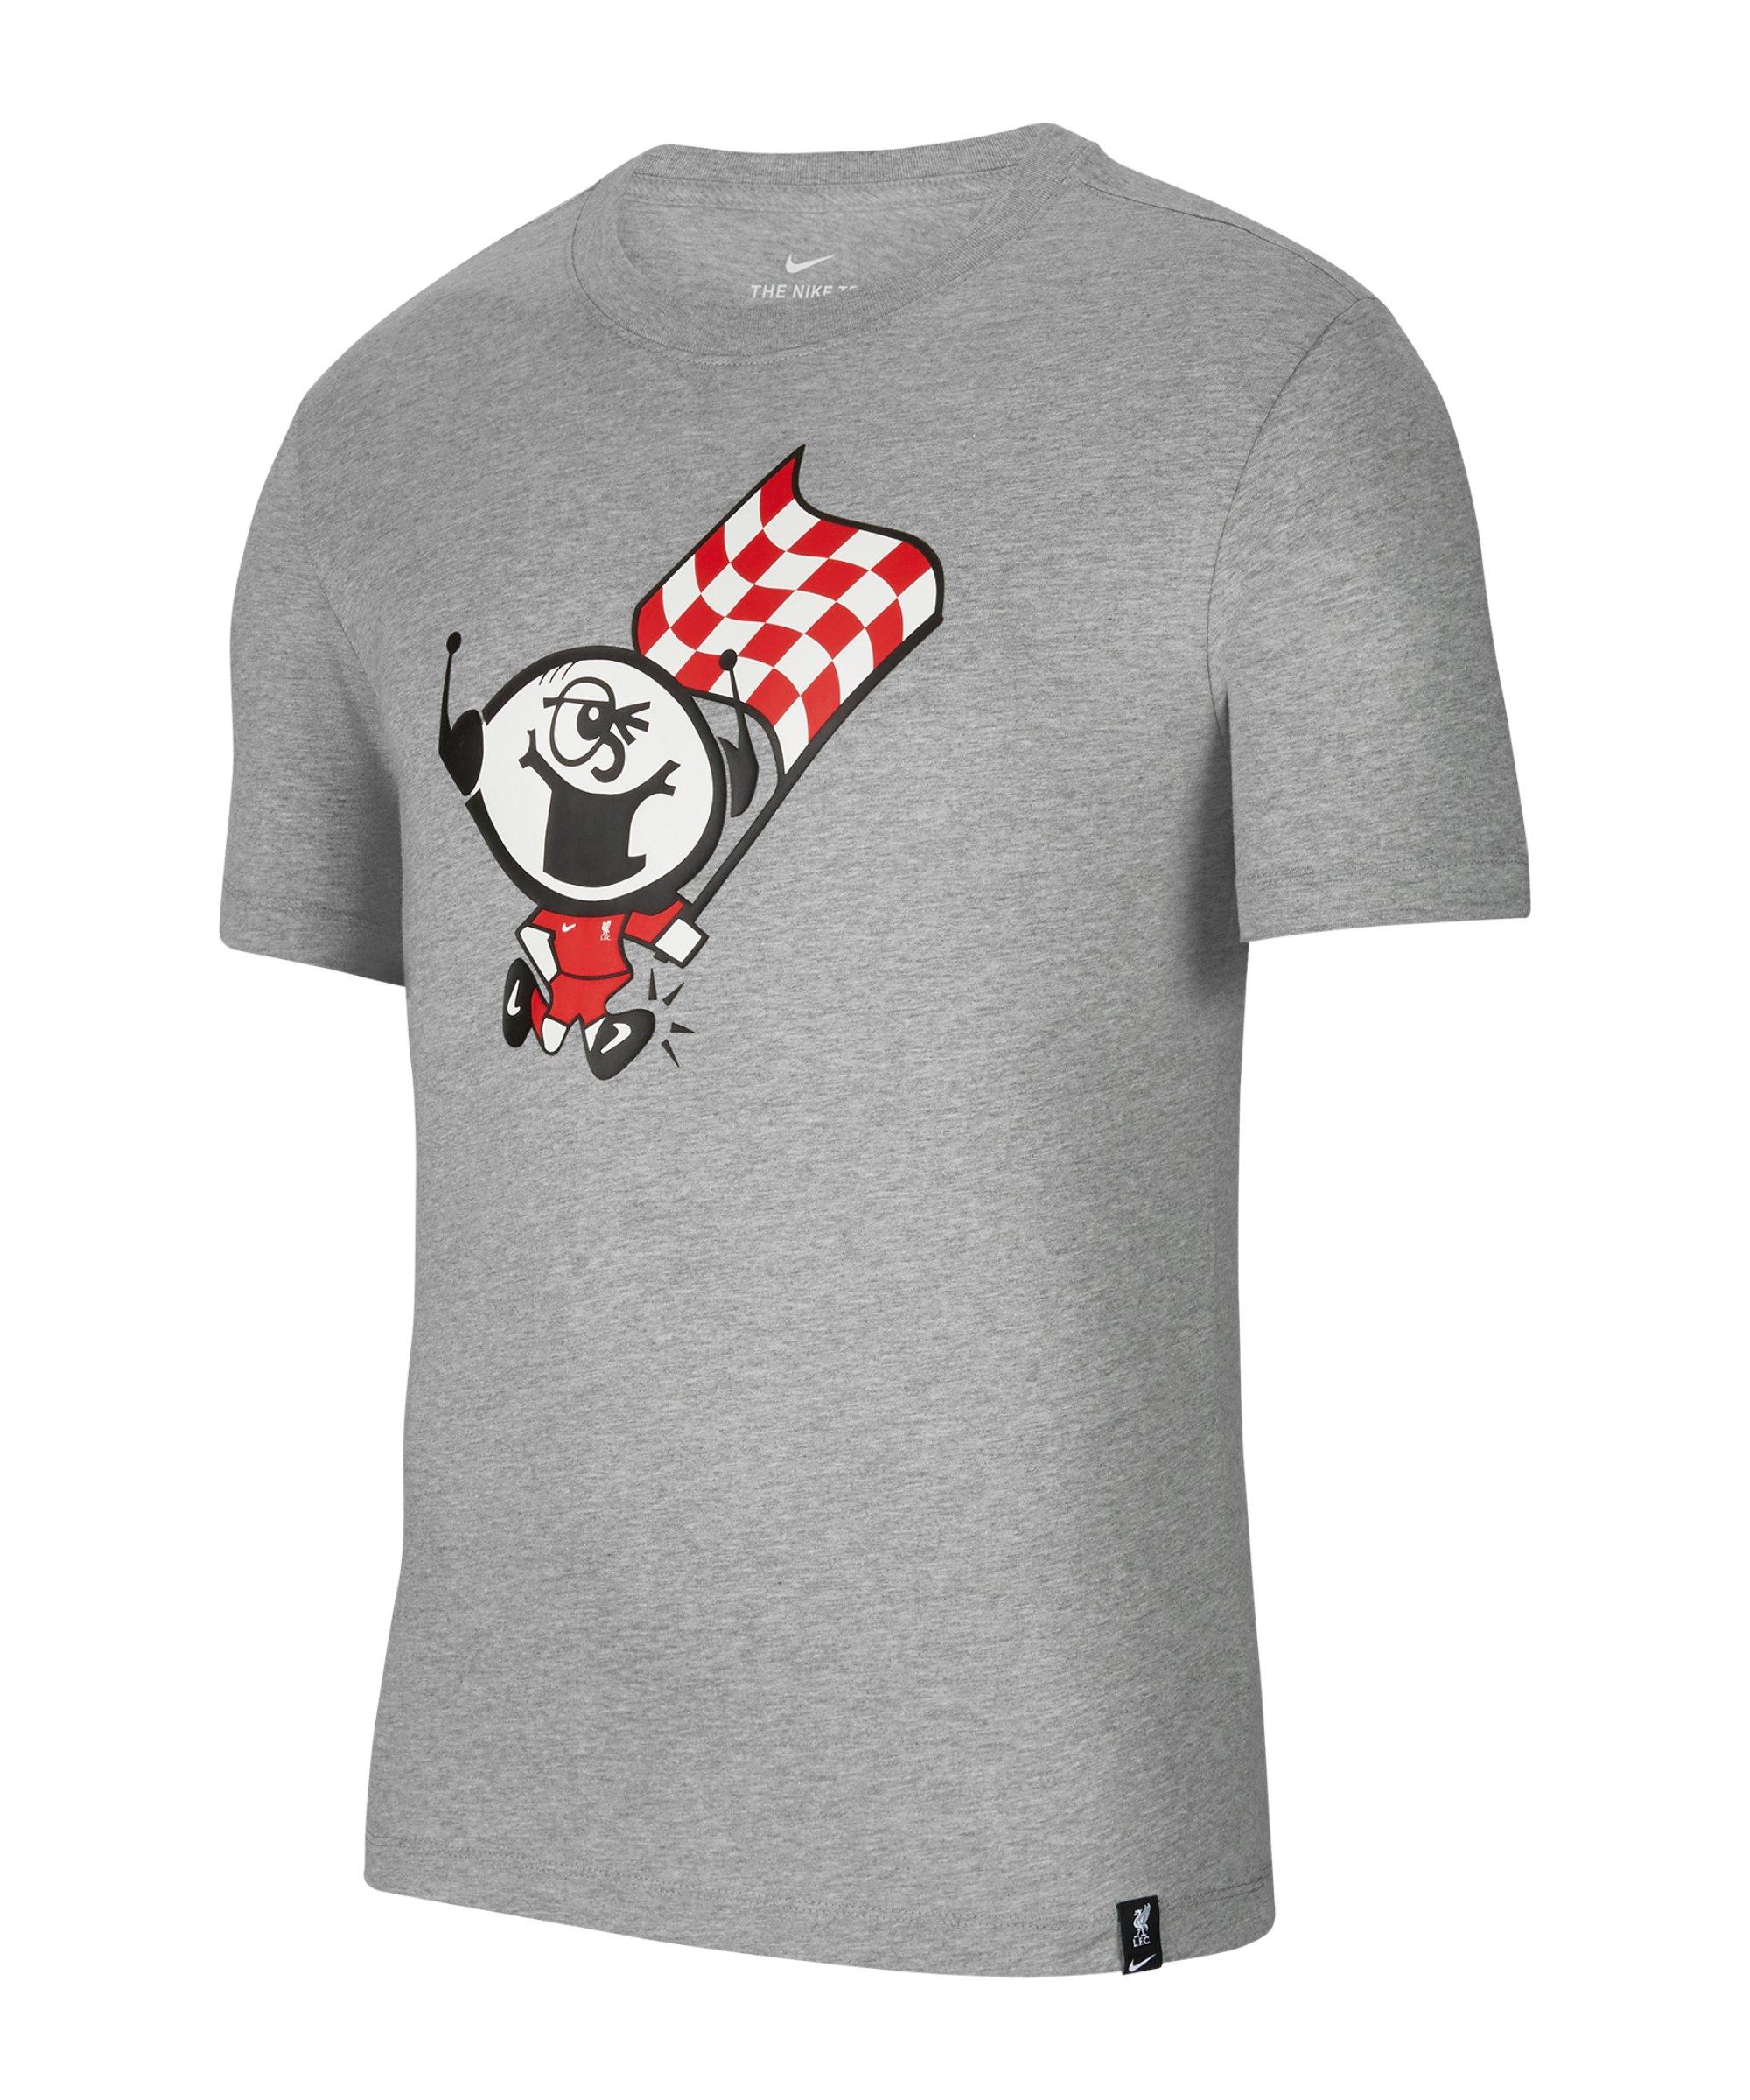 Nike FC Liverpool Ignite T-Shirt Grau F063 - grau